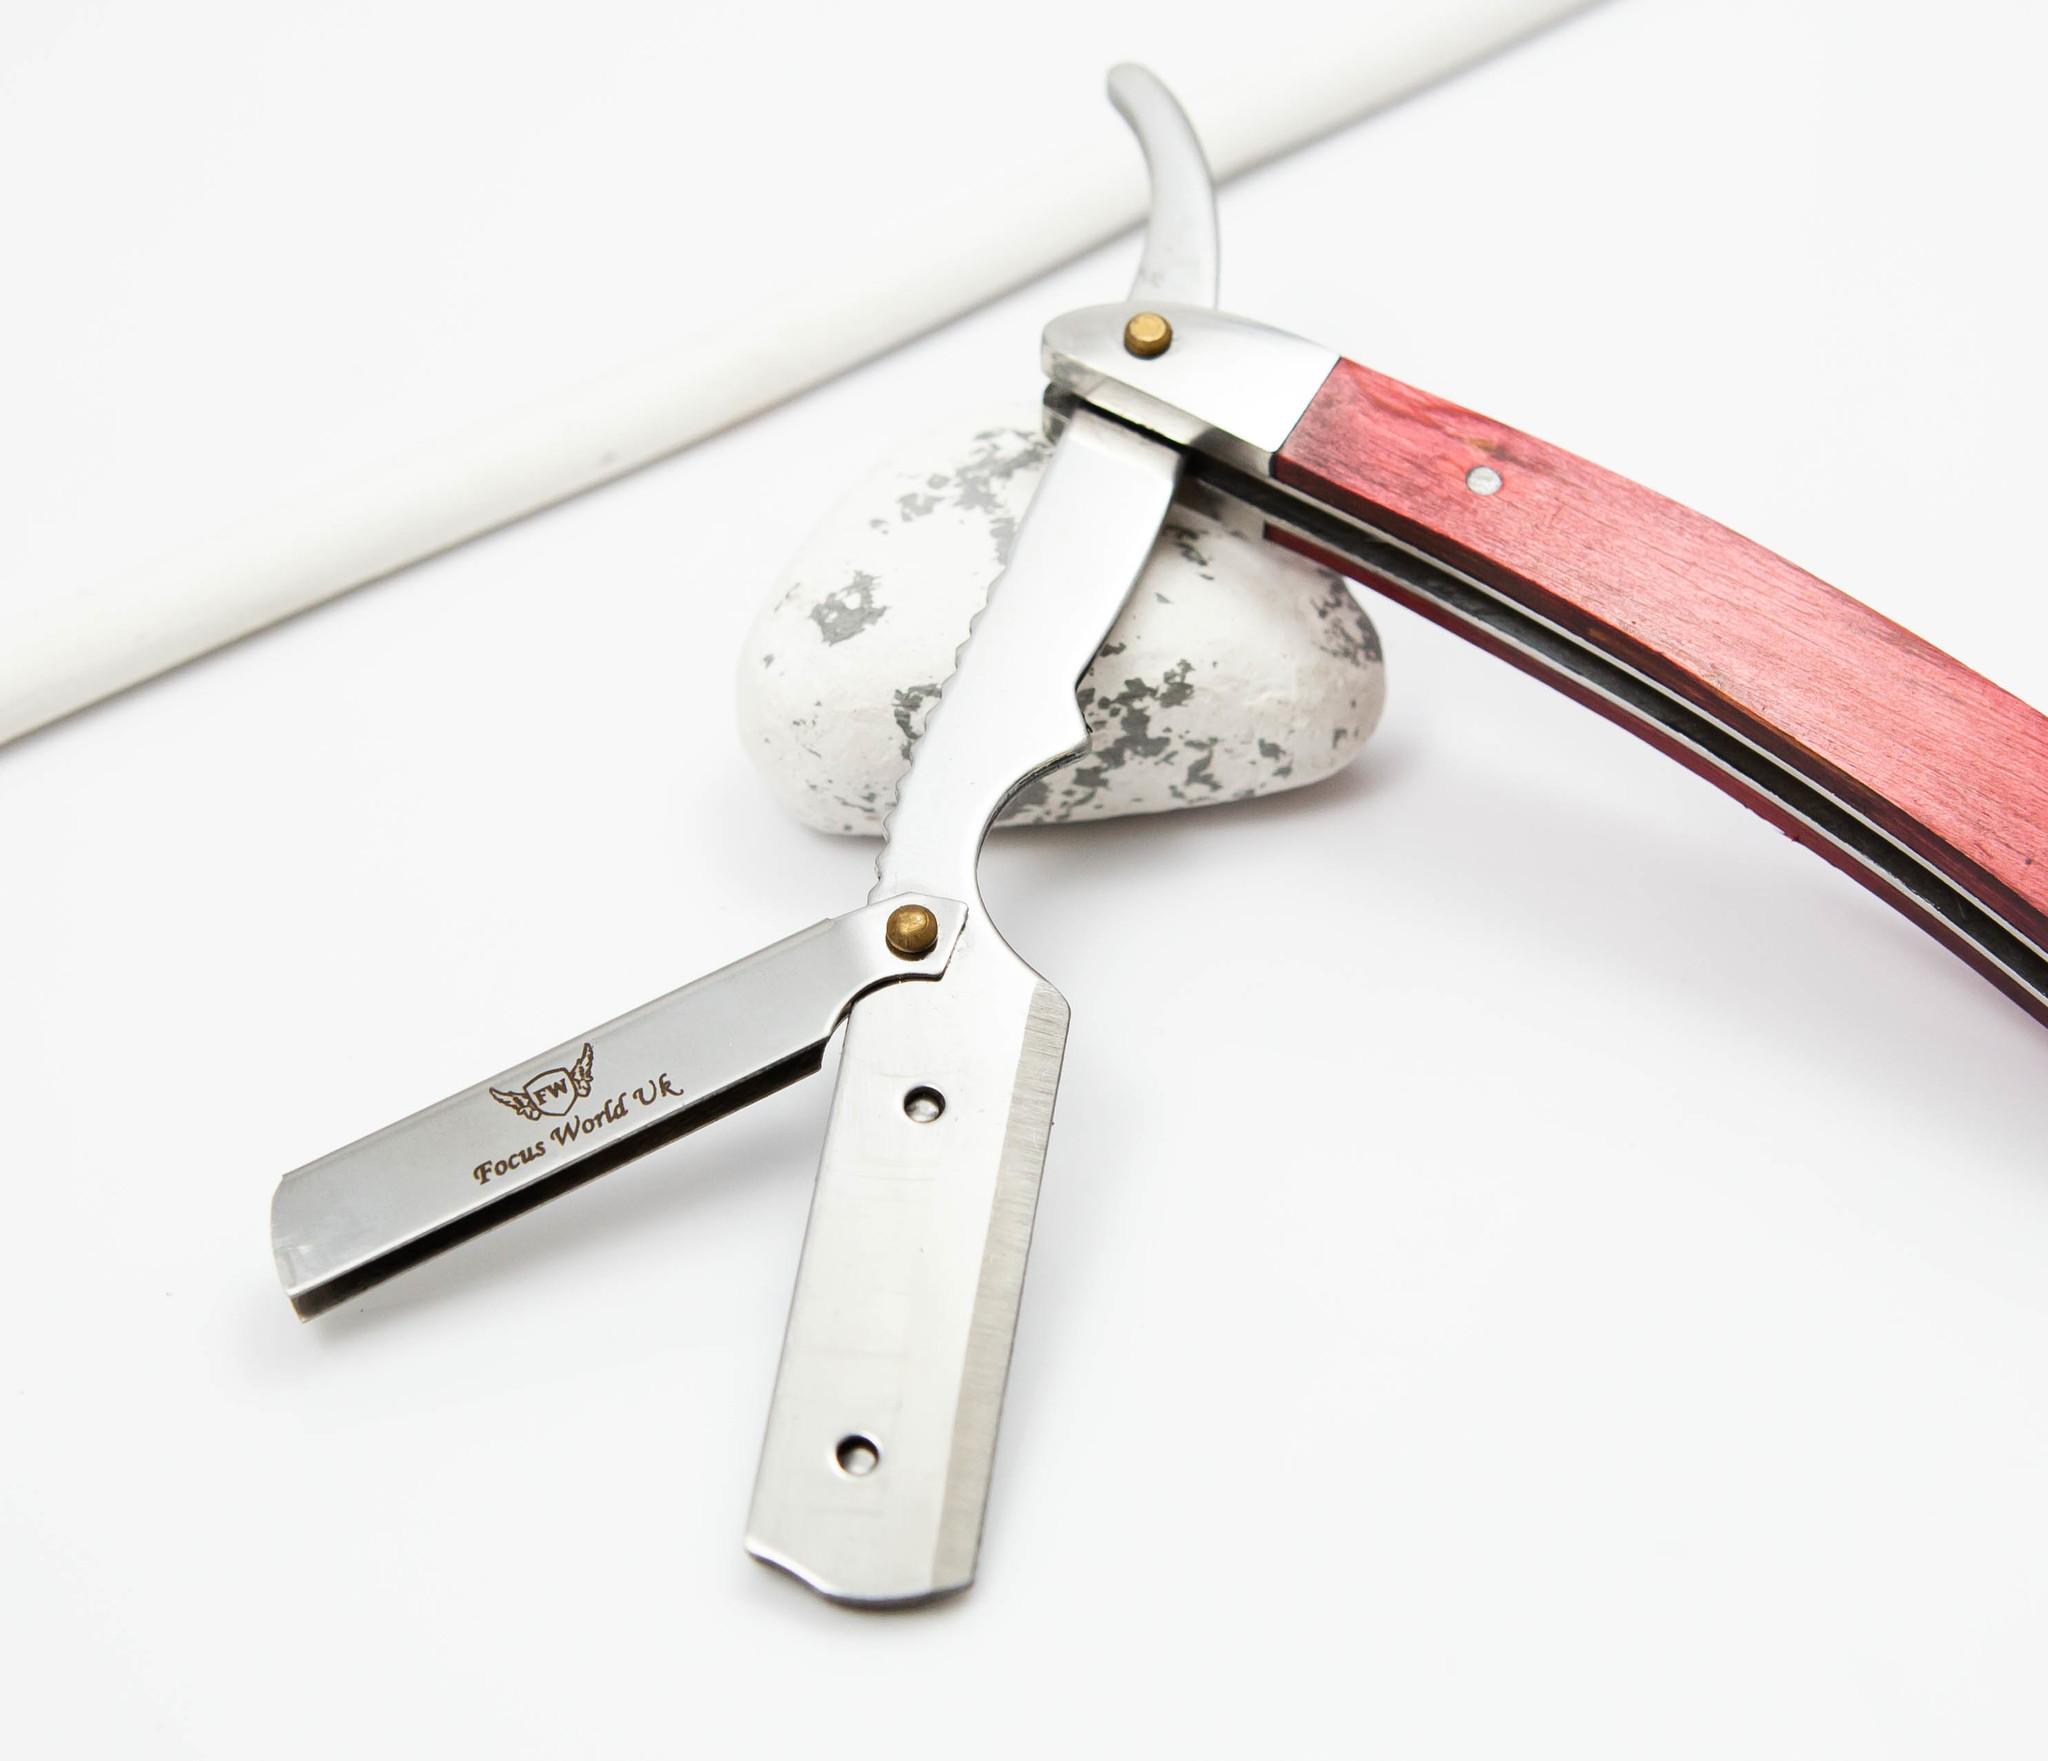 RAZ336-2 Бритва шаветка для сменных лезвий с деревянной ручкой фото 07